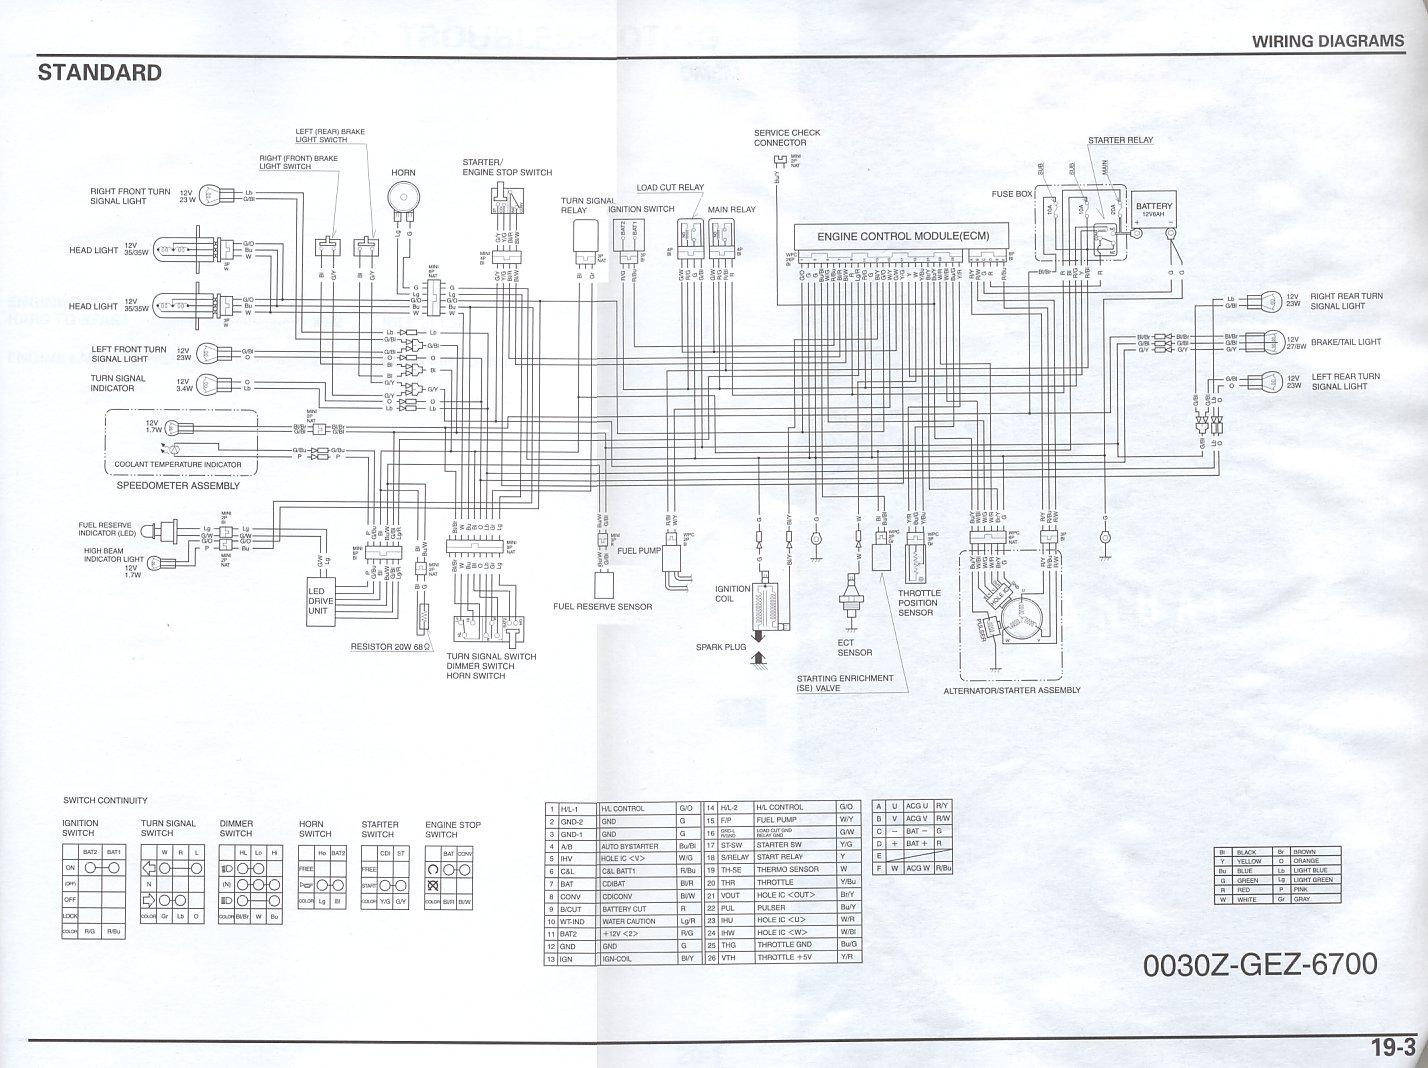 honda ruckus wiring diagram honda ruckus wiring diagram rh janscooker com honda ruckus gy6 wiring diagram honda ruckus gy6 wiring diagram